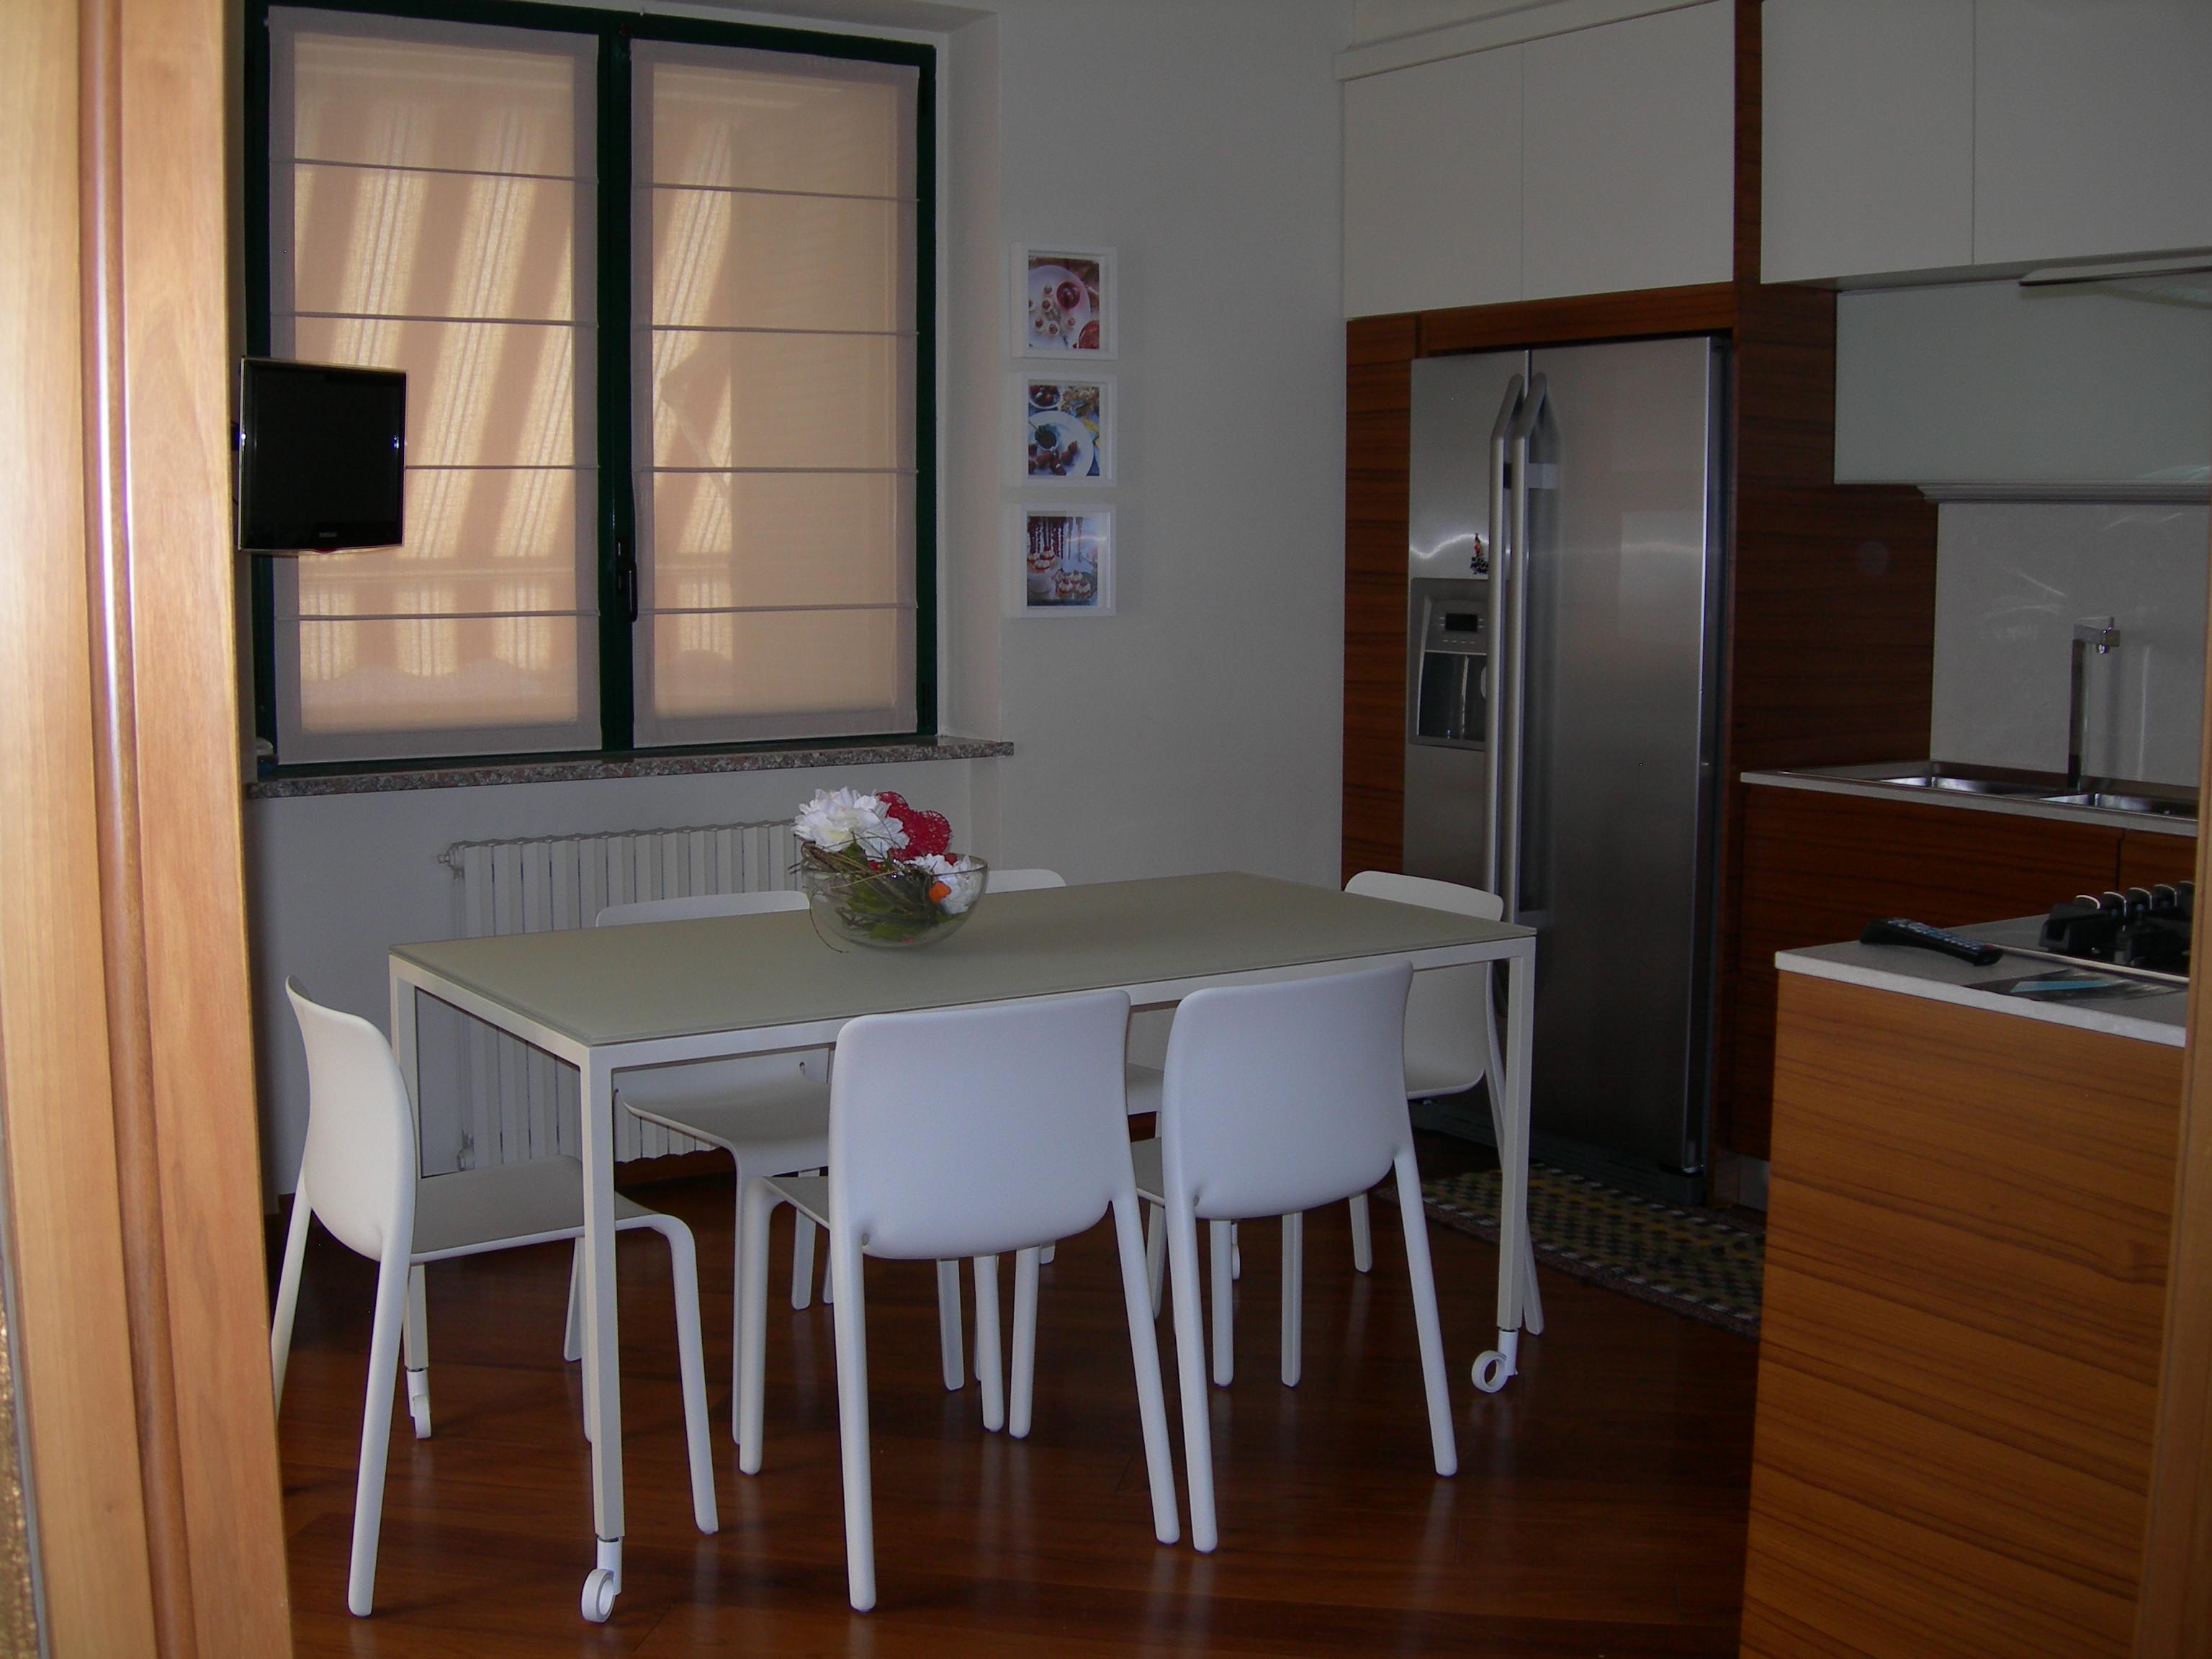 Cucina in Teak - Falegnameria Curioni